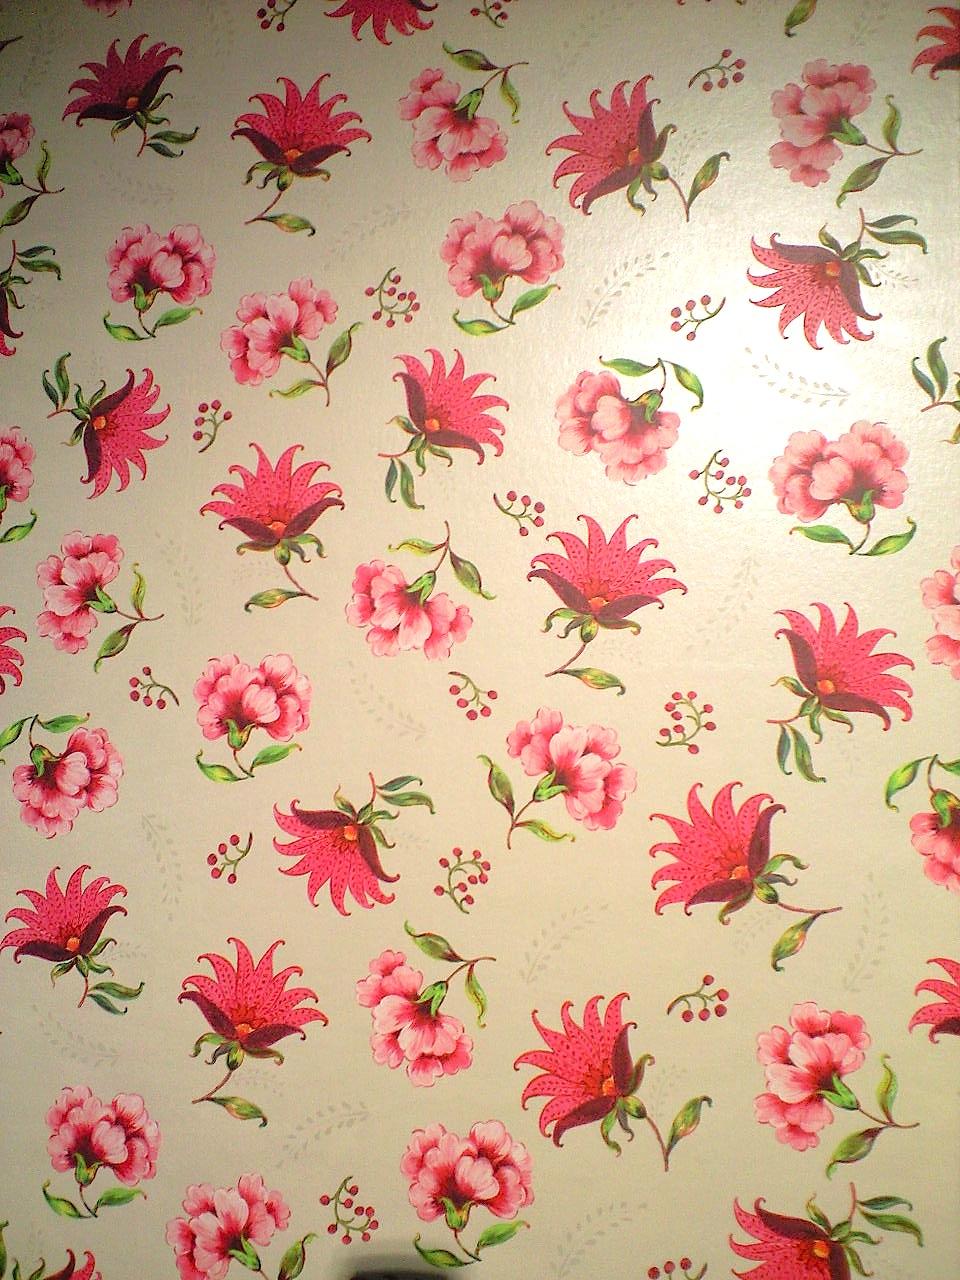 輸入壁紙のすすめ(花柄)_c0157866_11475813.jpg